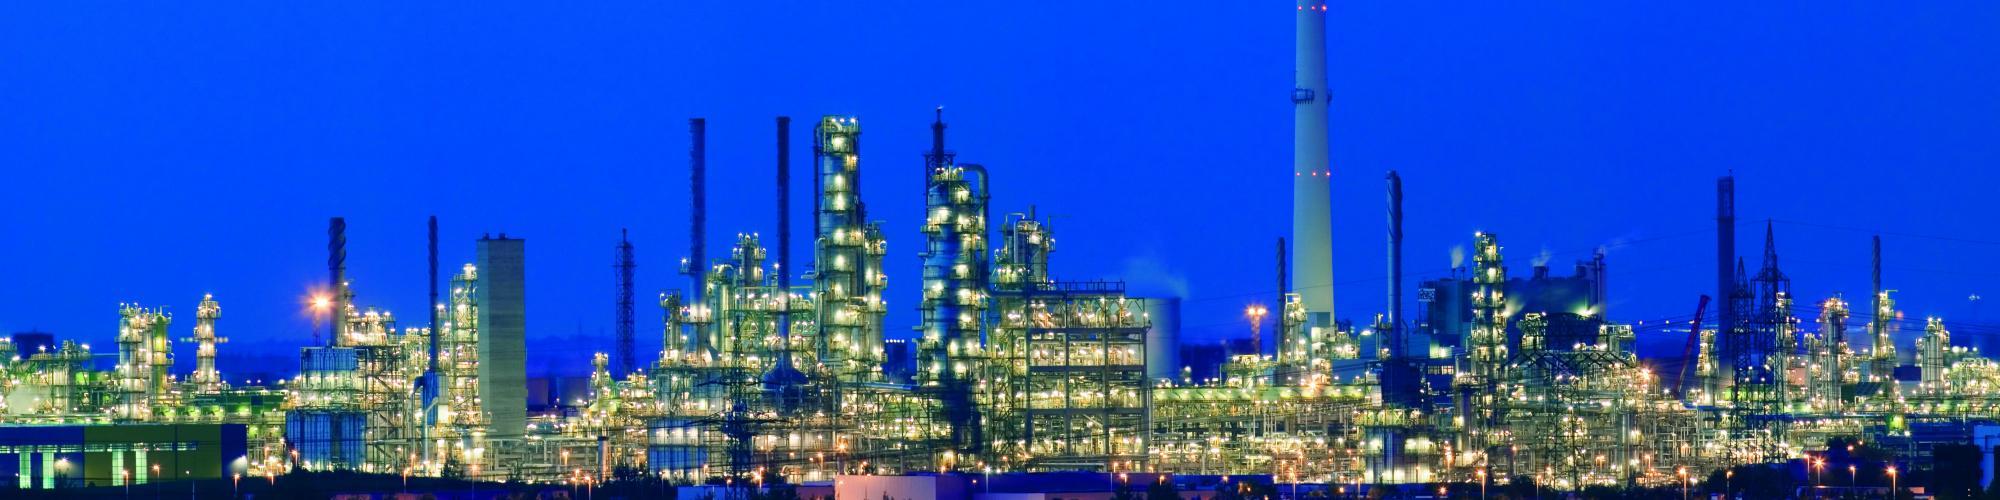 Bilfinger Industrial Services GmbH